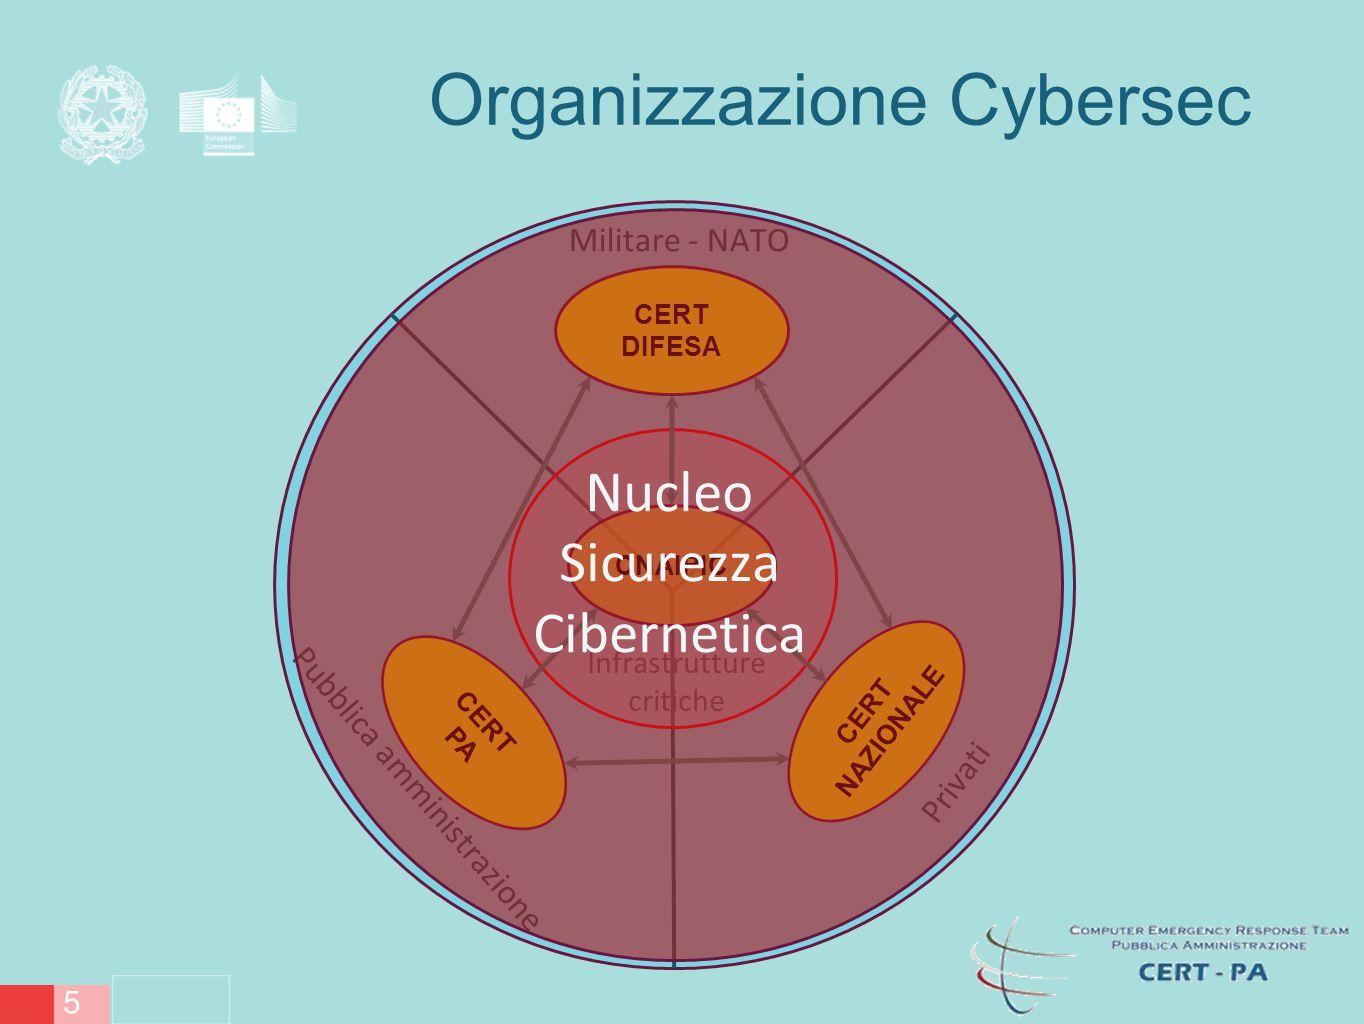 Rapporto CIS 2014 Mancanza di strutture organizzative in grado di gestire gli eventi e rispondere agli attacchi.